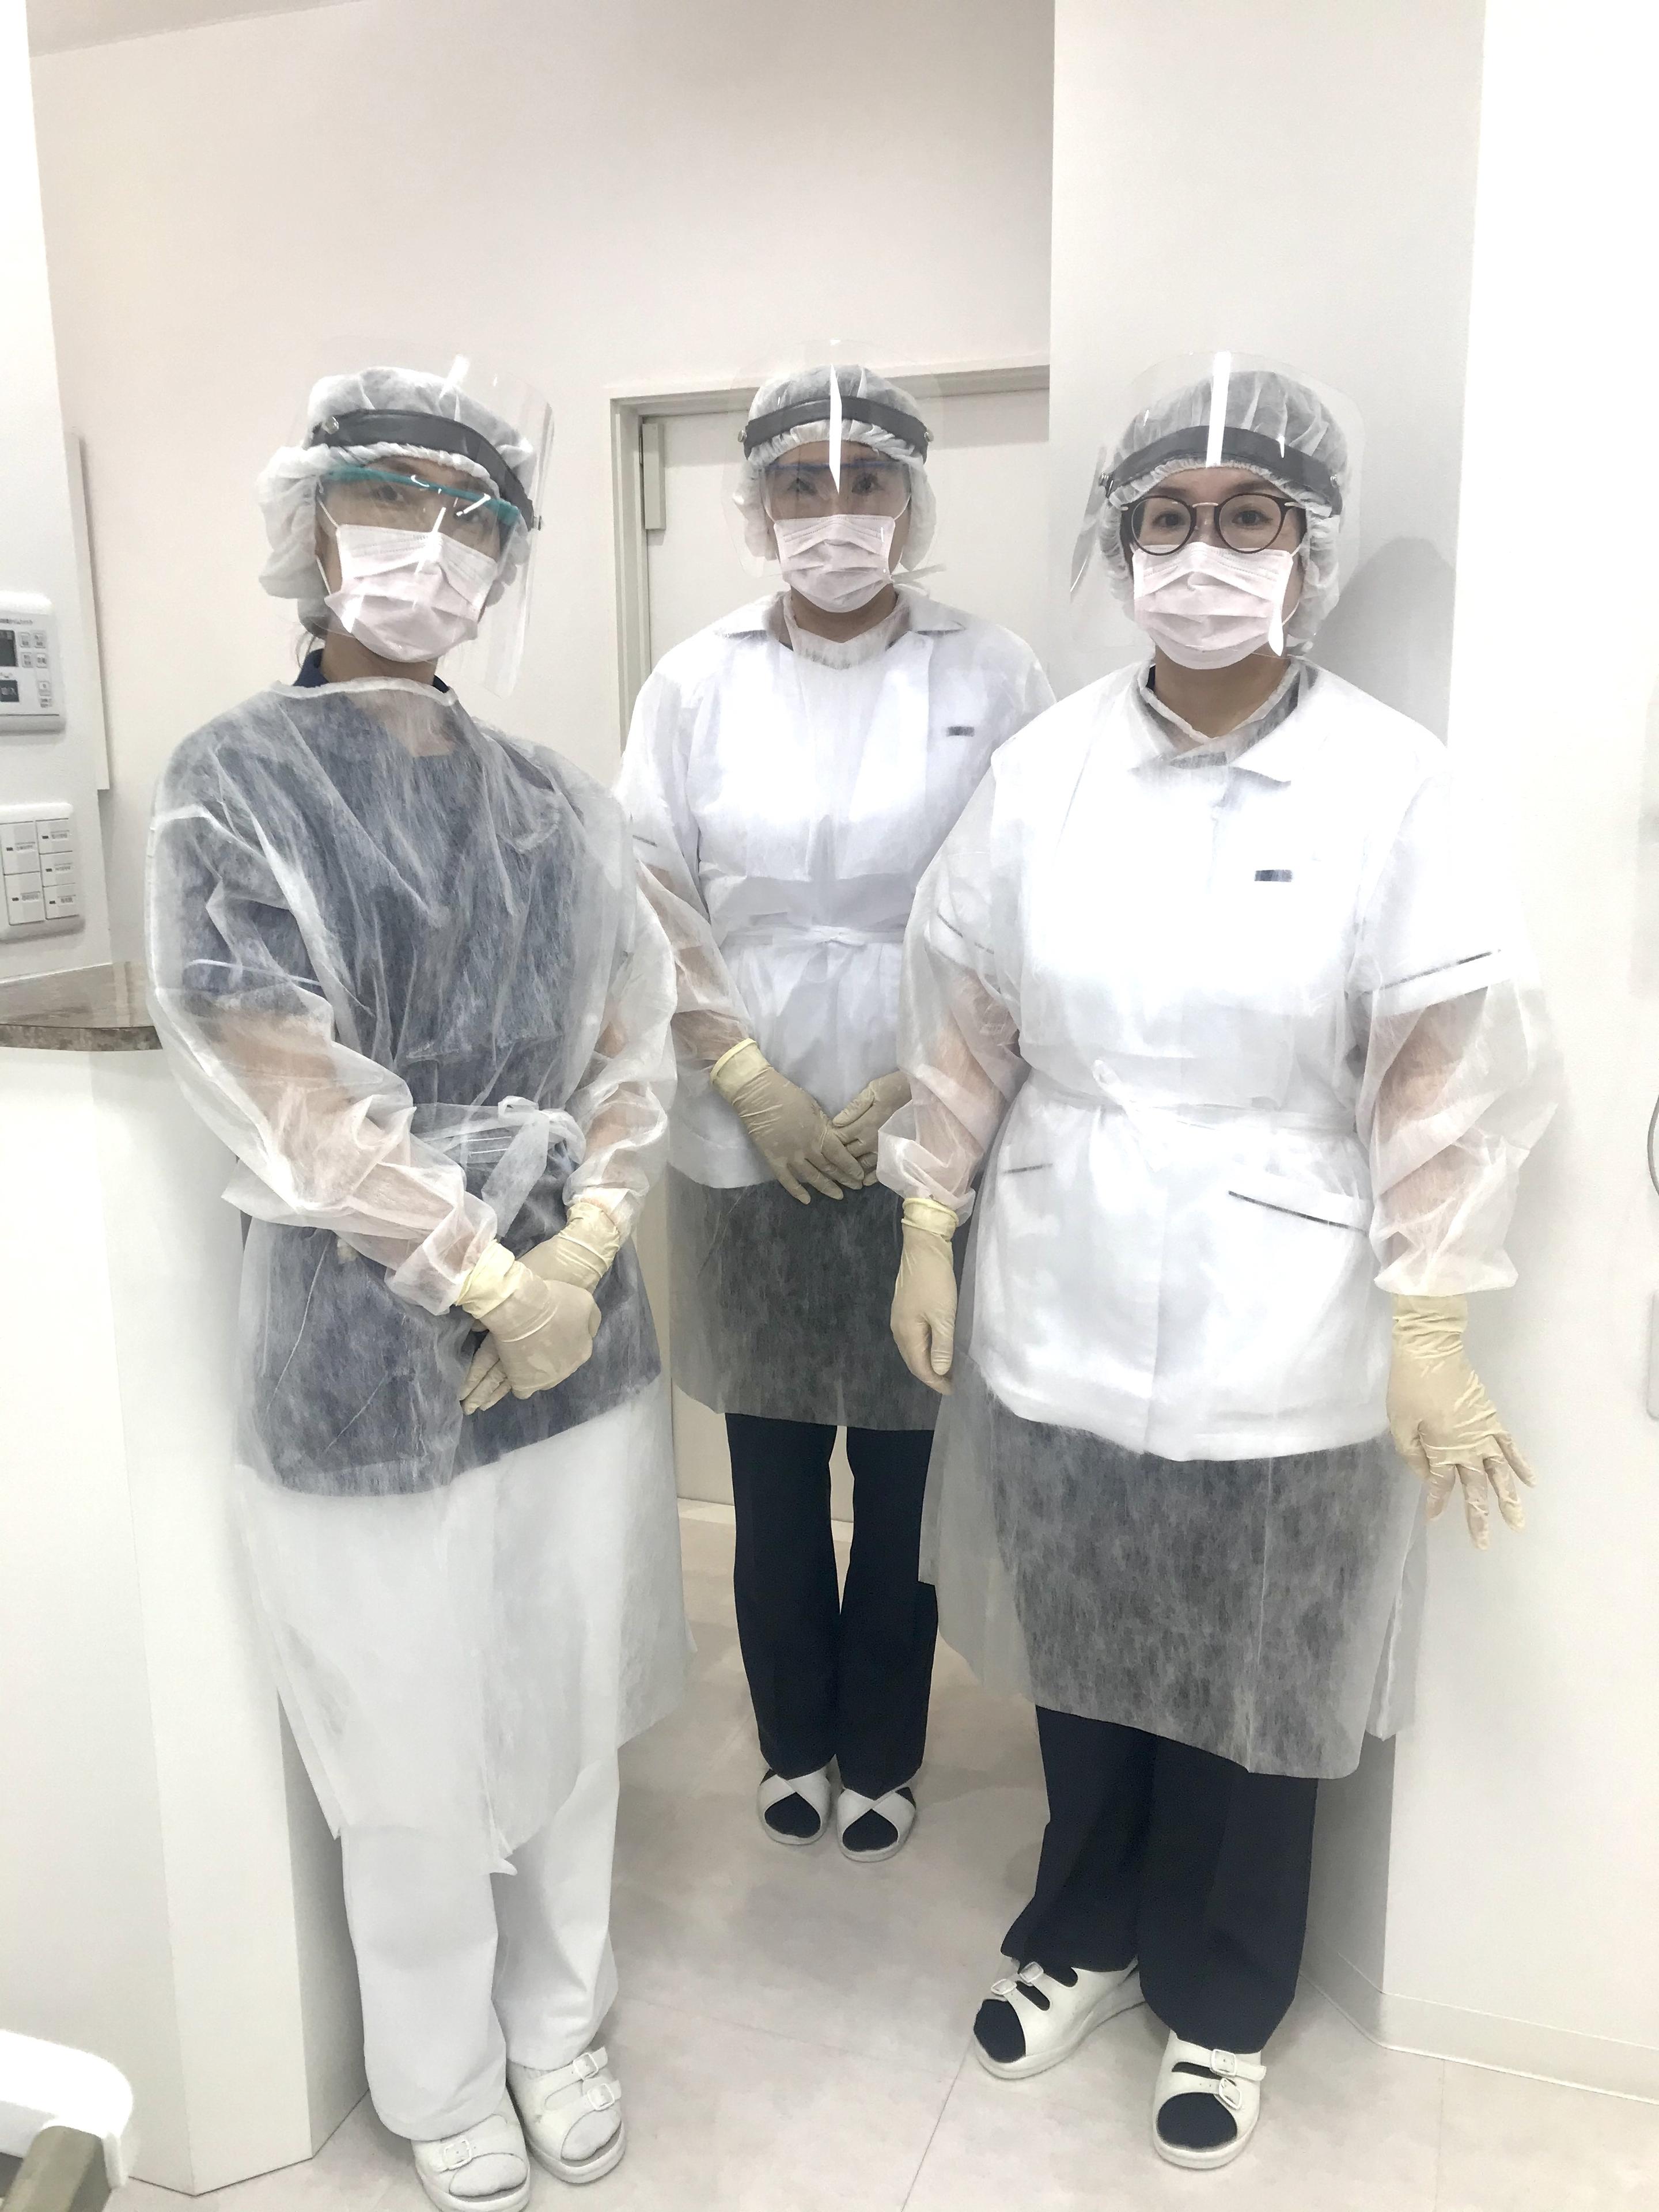 感染防護服装着姿